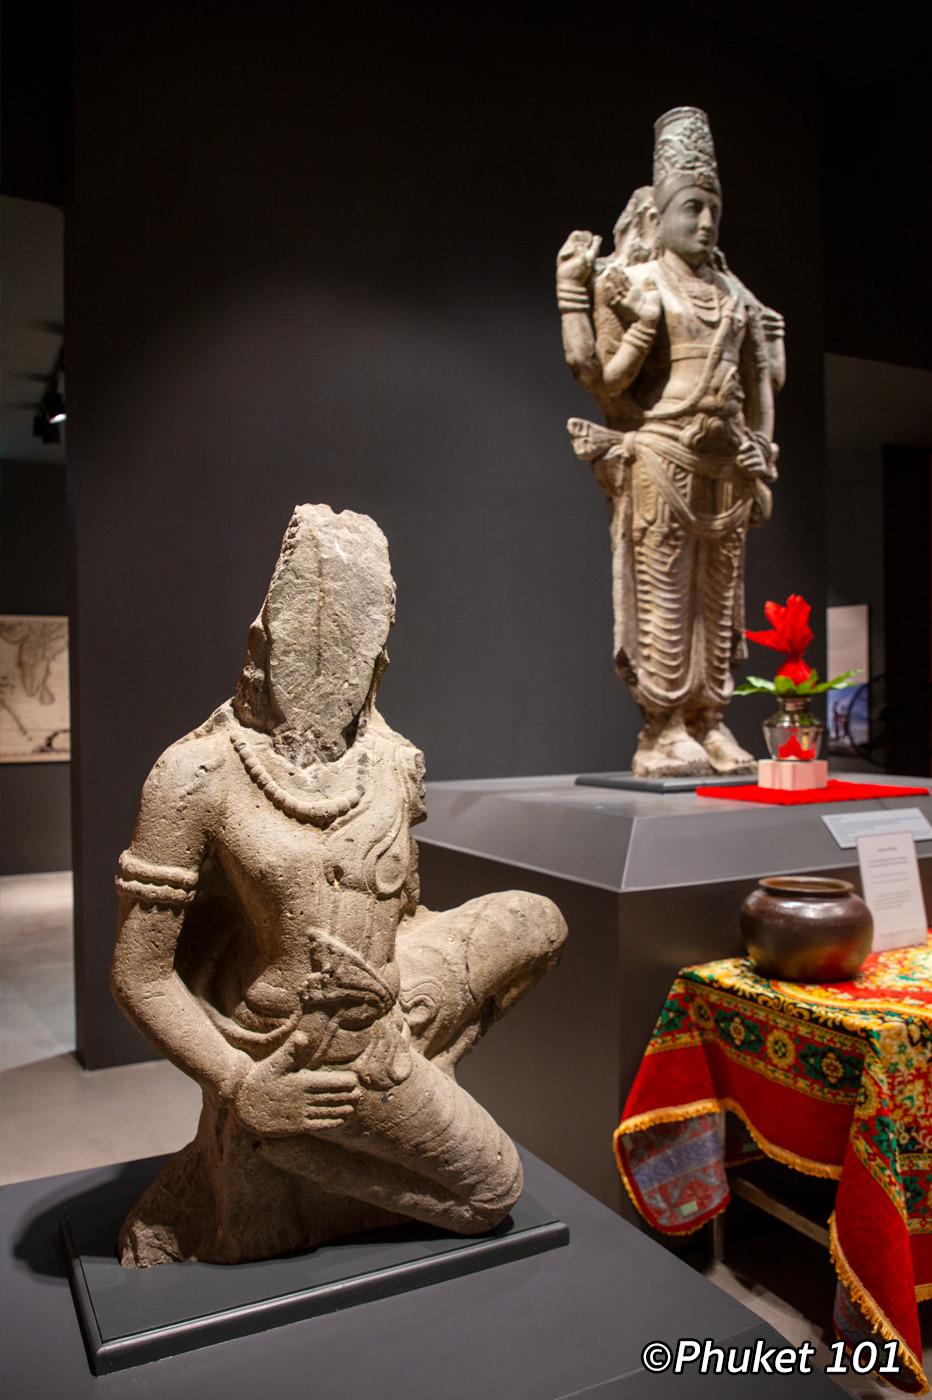 Thalang Museum in Phuket